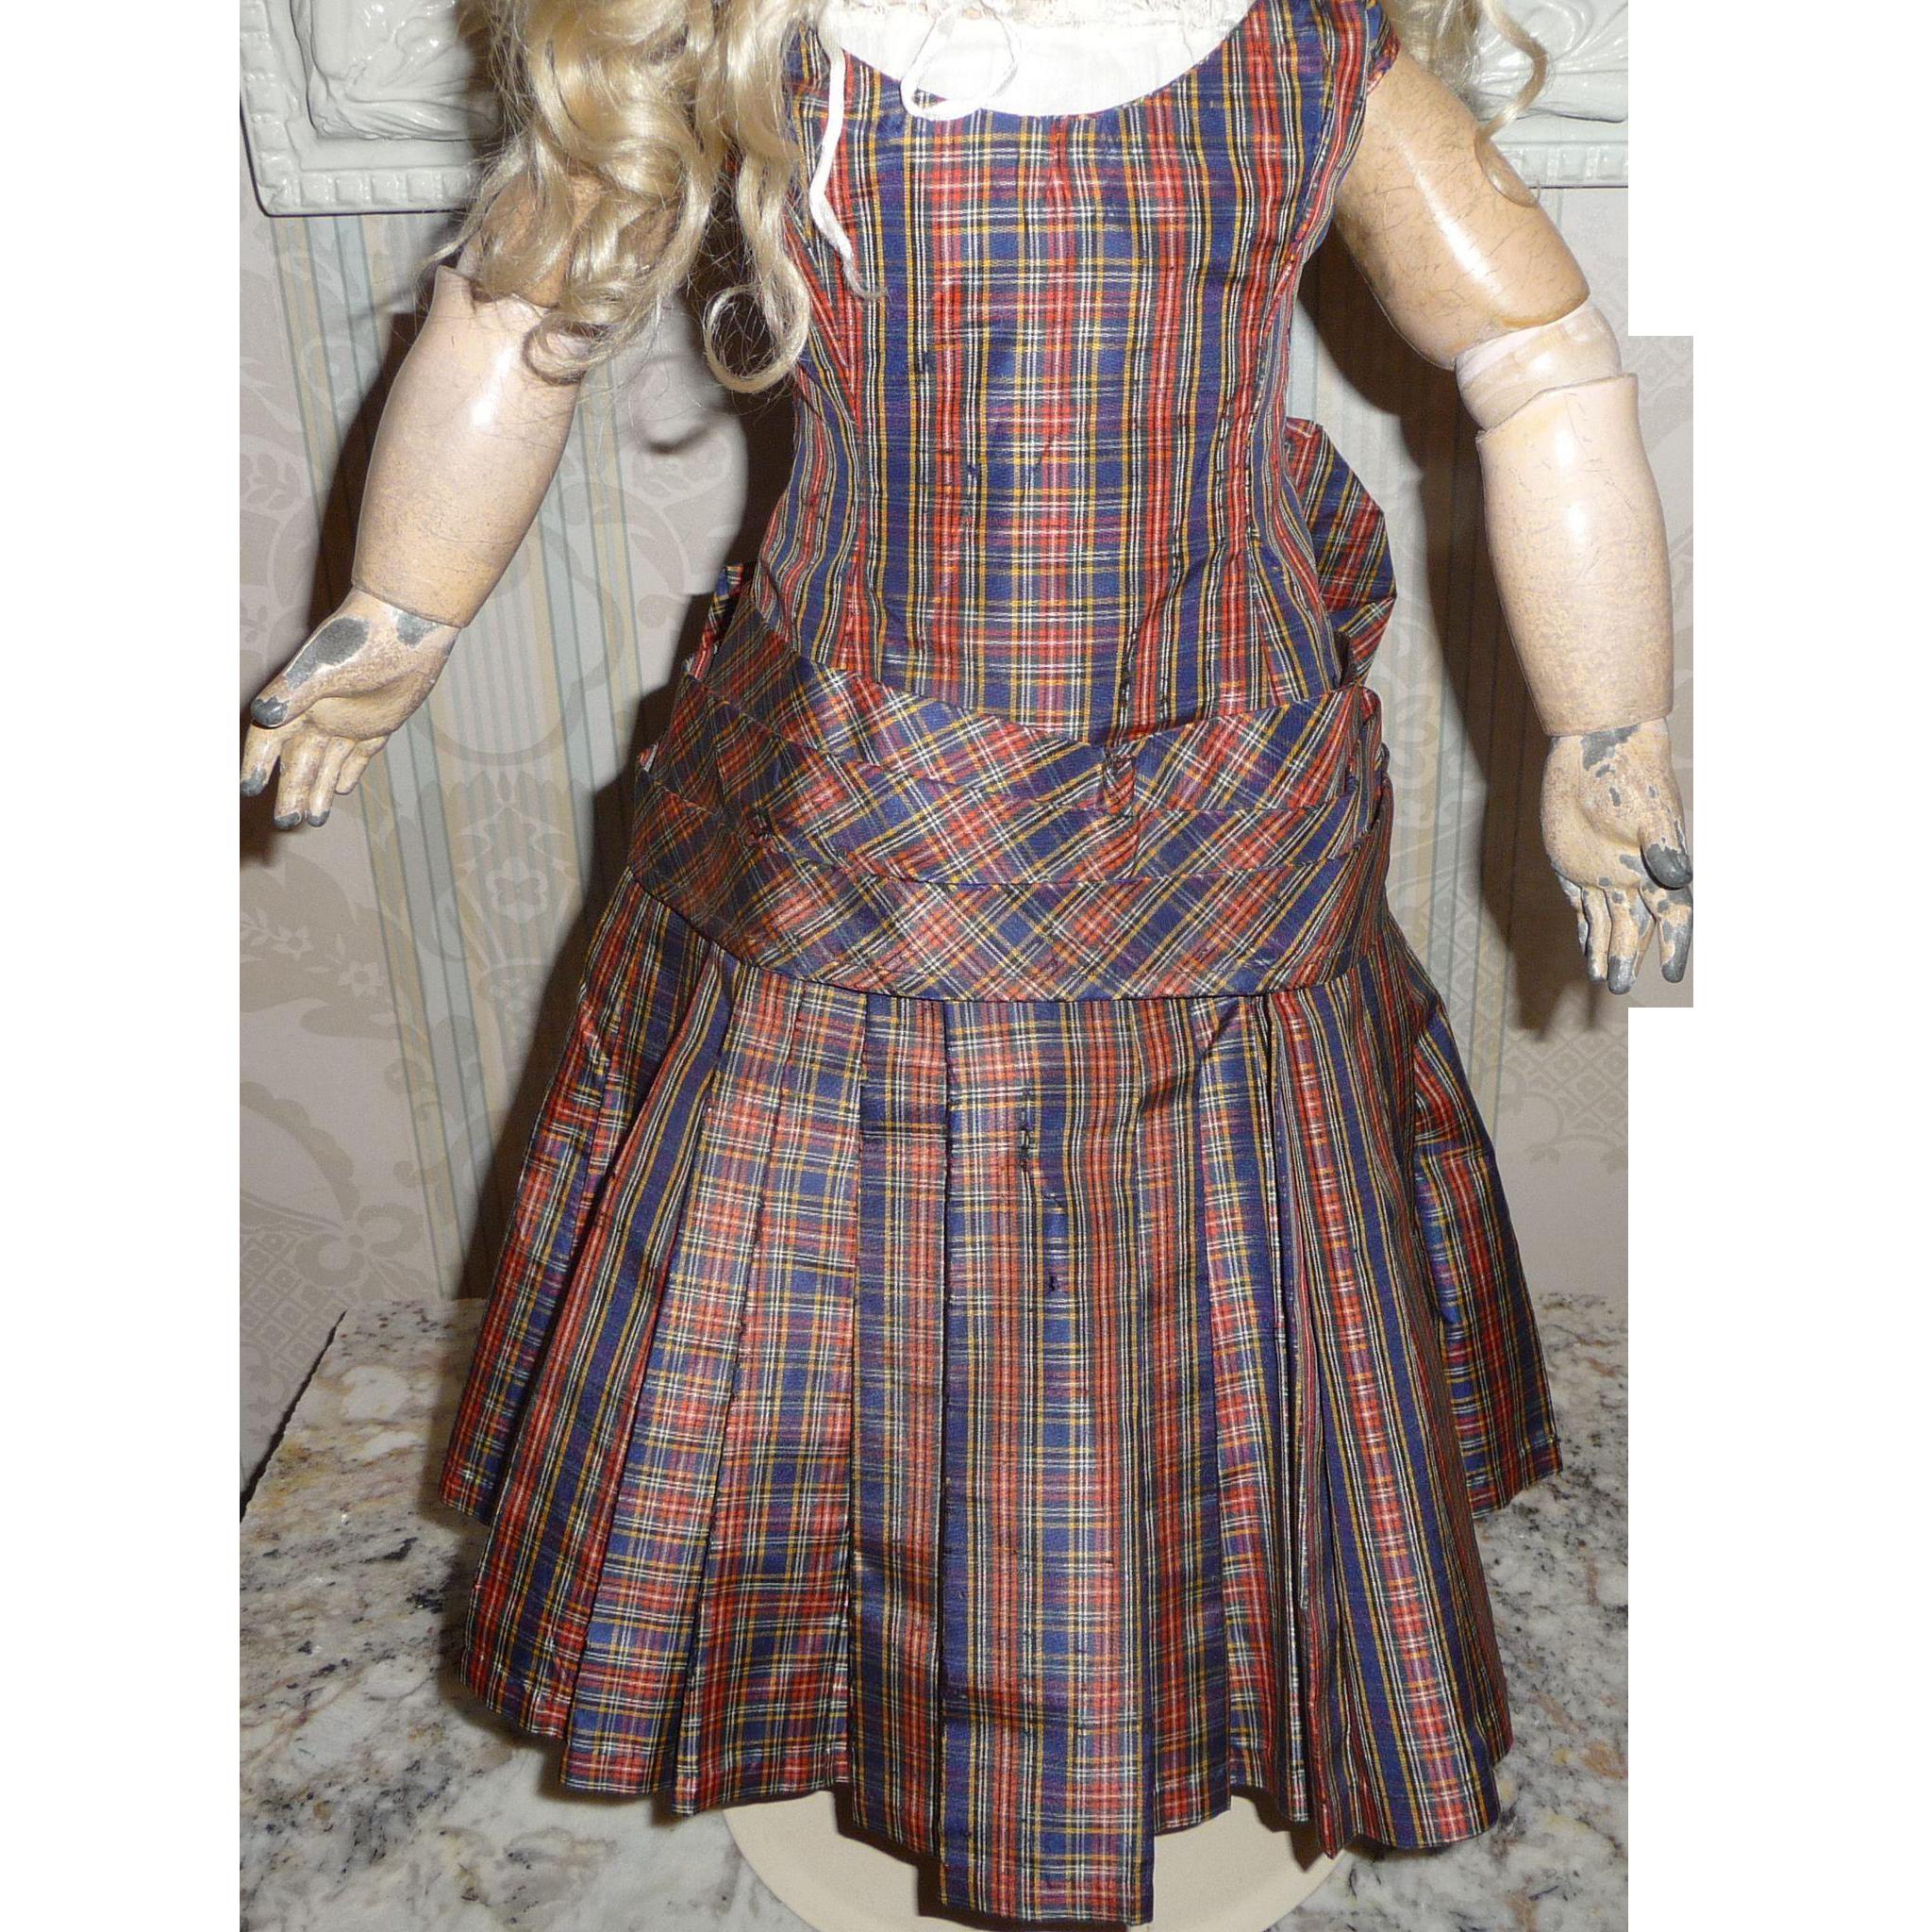 Antique original plaid silk taffeta doll dress with dropped waist